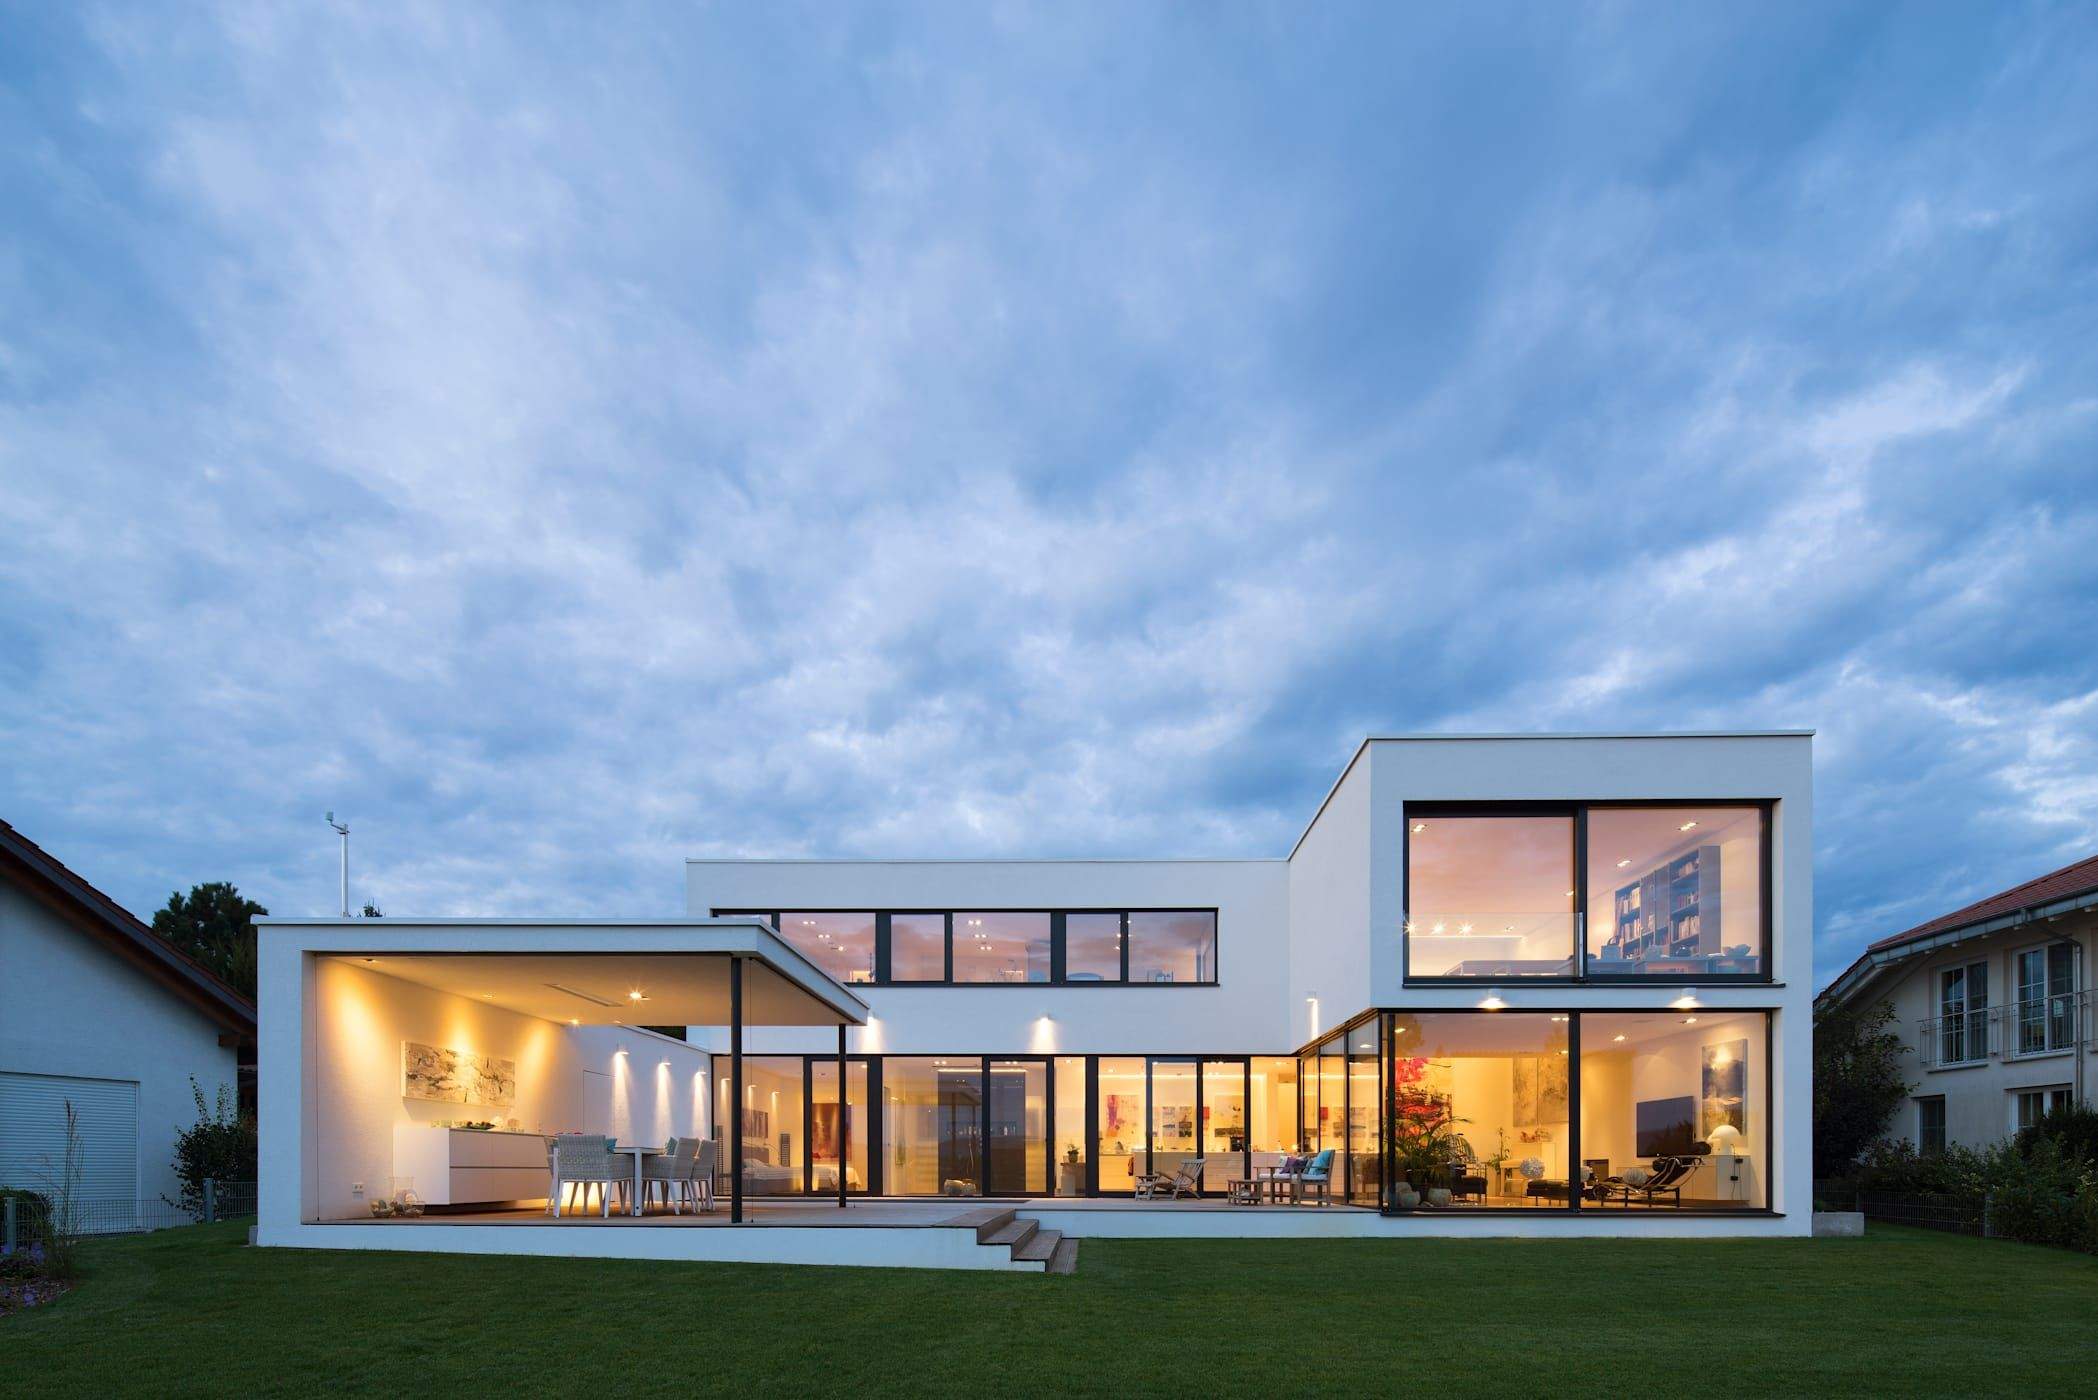 Einfamilienhaus fr12 im grossraum stuttgart moderne häuser von schiller architektur bda modern | homify #hausdesign